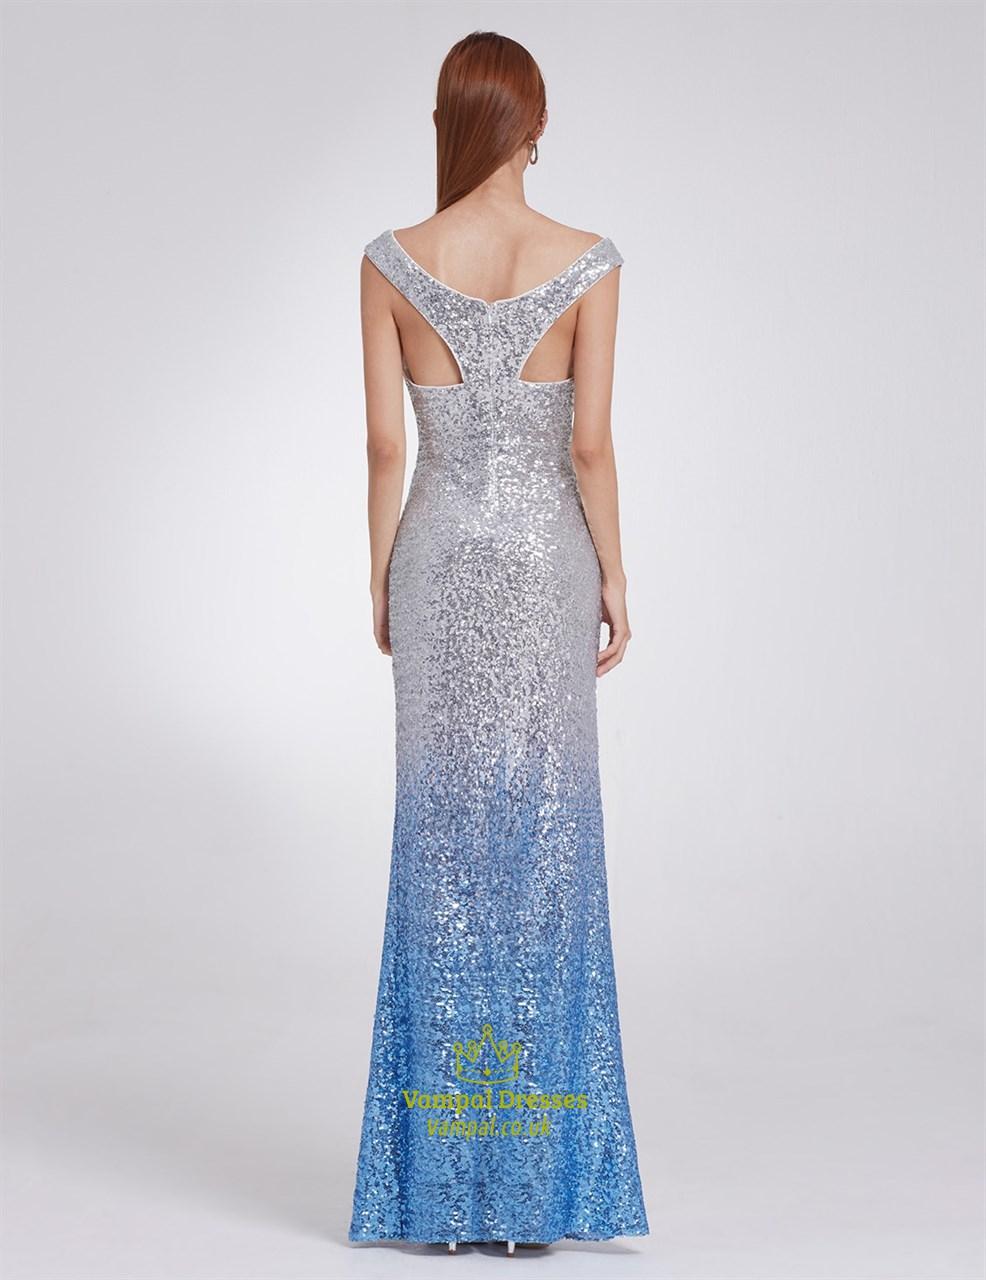 Blue Elegant V Neck Floor Length Sequin Sheath Mermaid ...